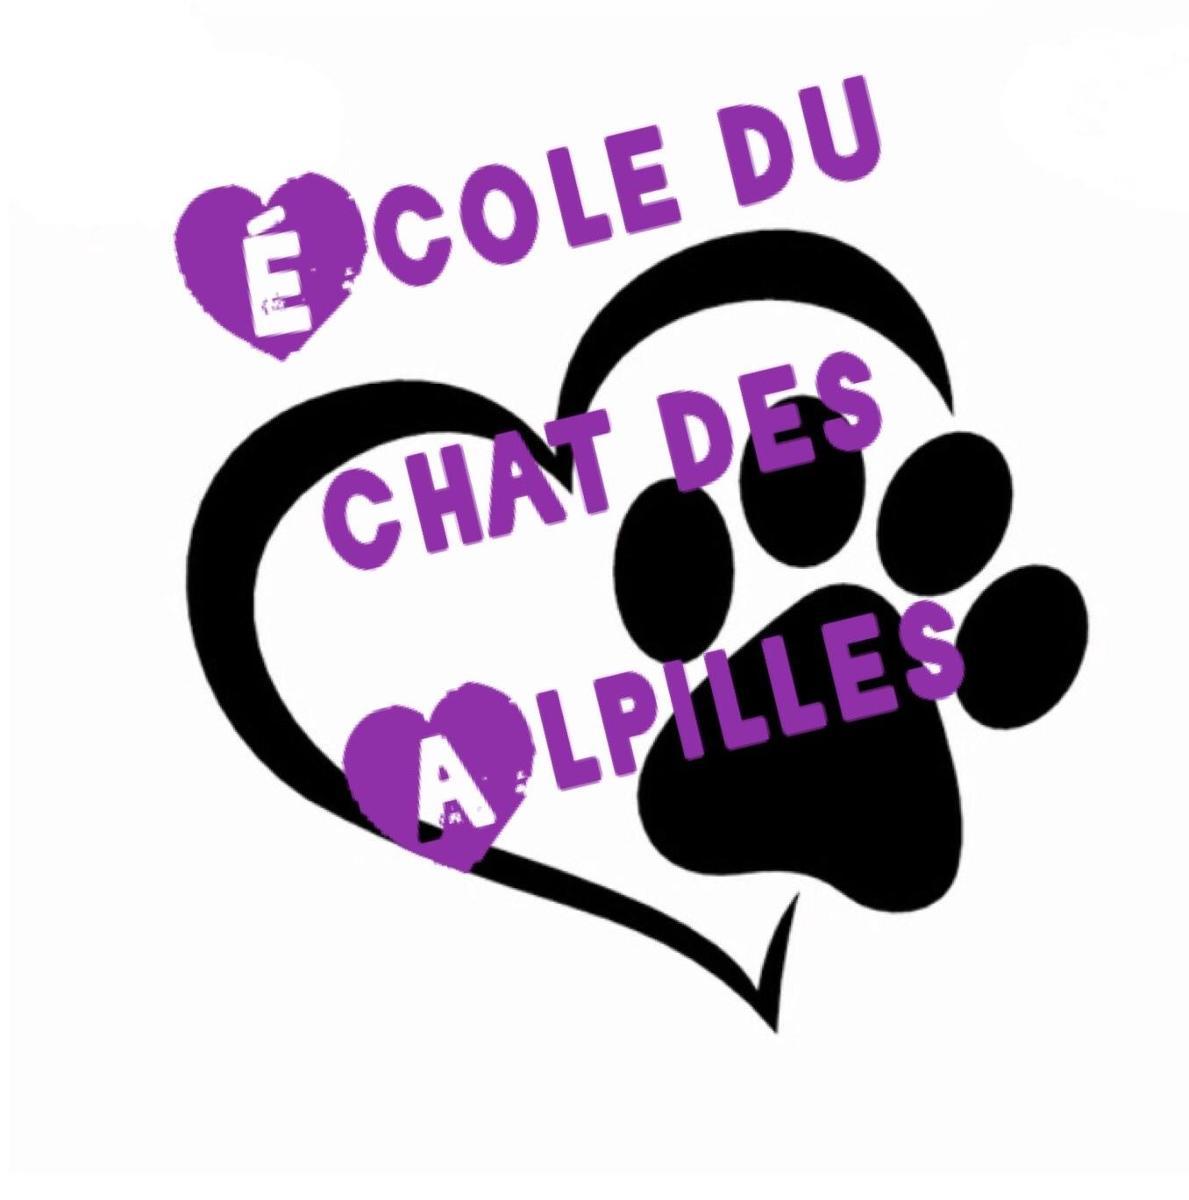 École du chat des Alpilles